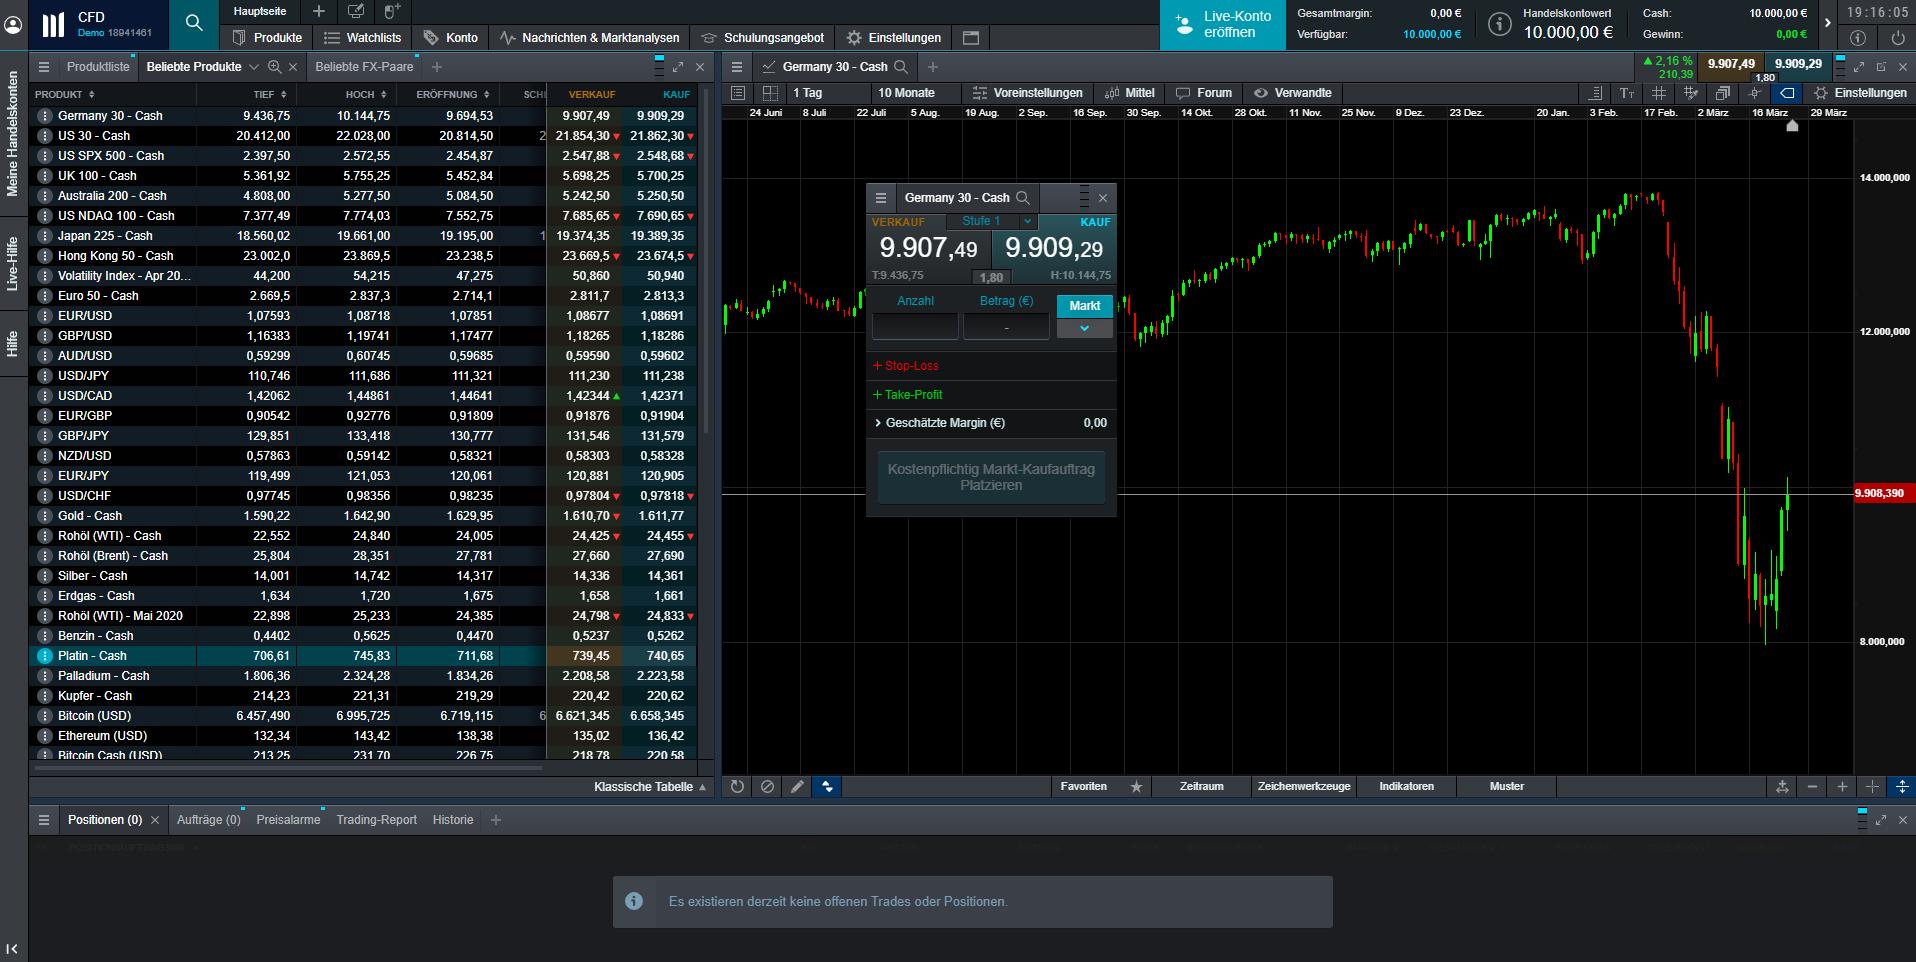 Screenshot der CMC Markets Next Generation Handelsplattform